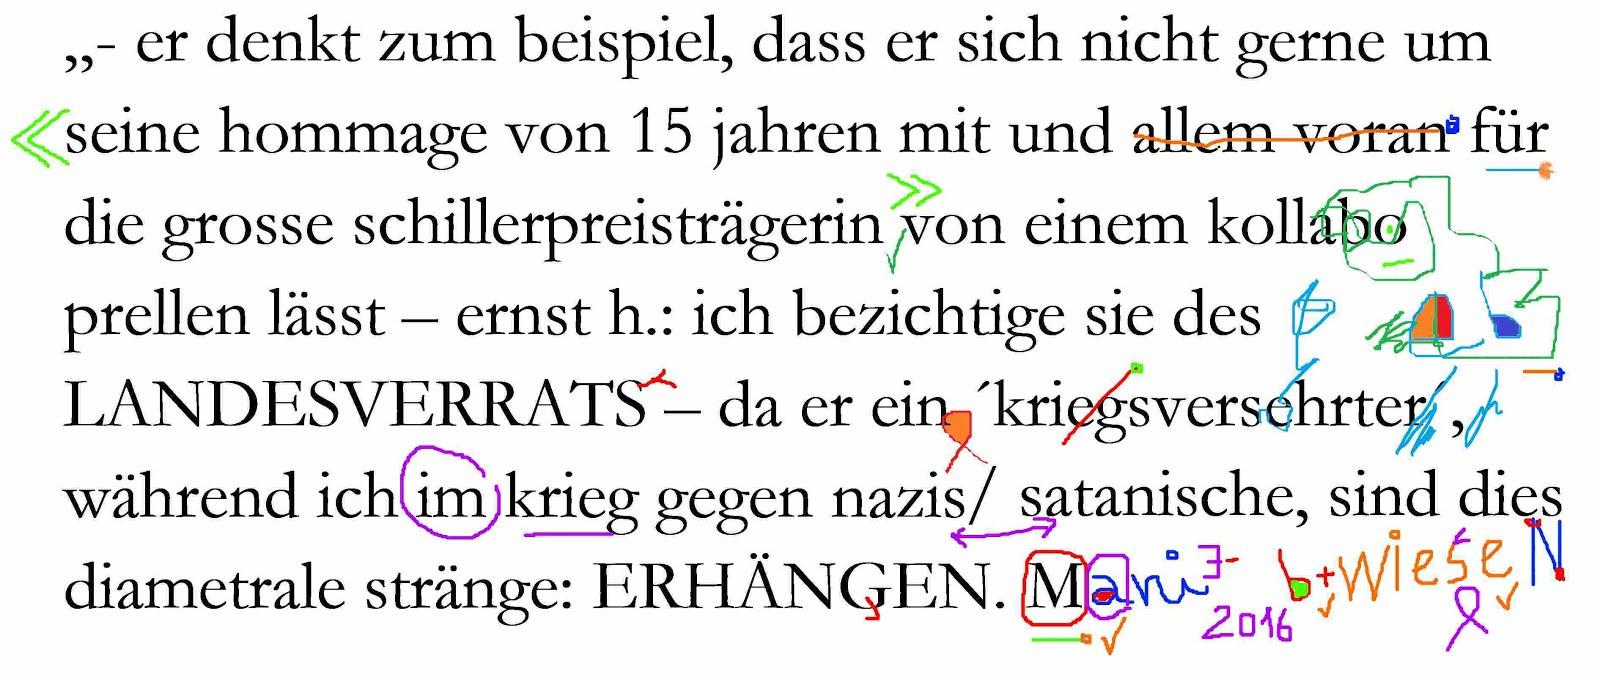 schweiz unabhängigkeit machtnahmeversuch blocher ammann vs weissbooks ch literaturarchiv vetere